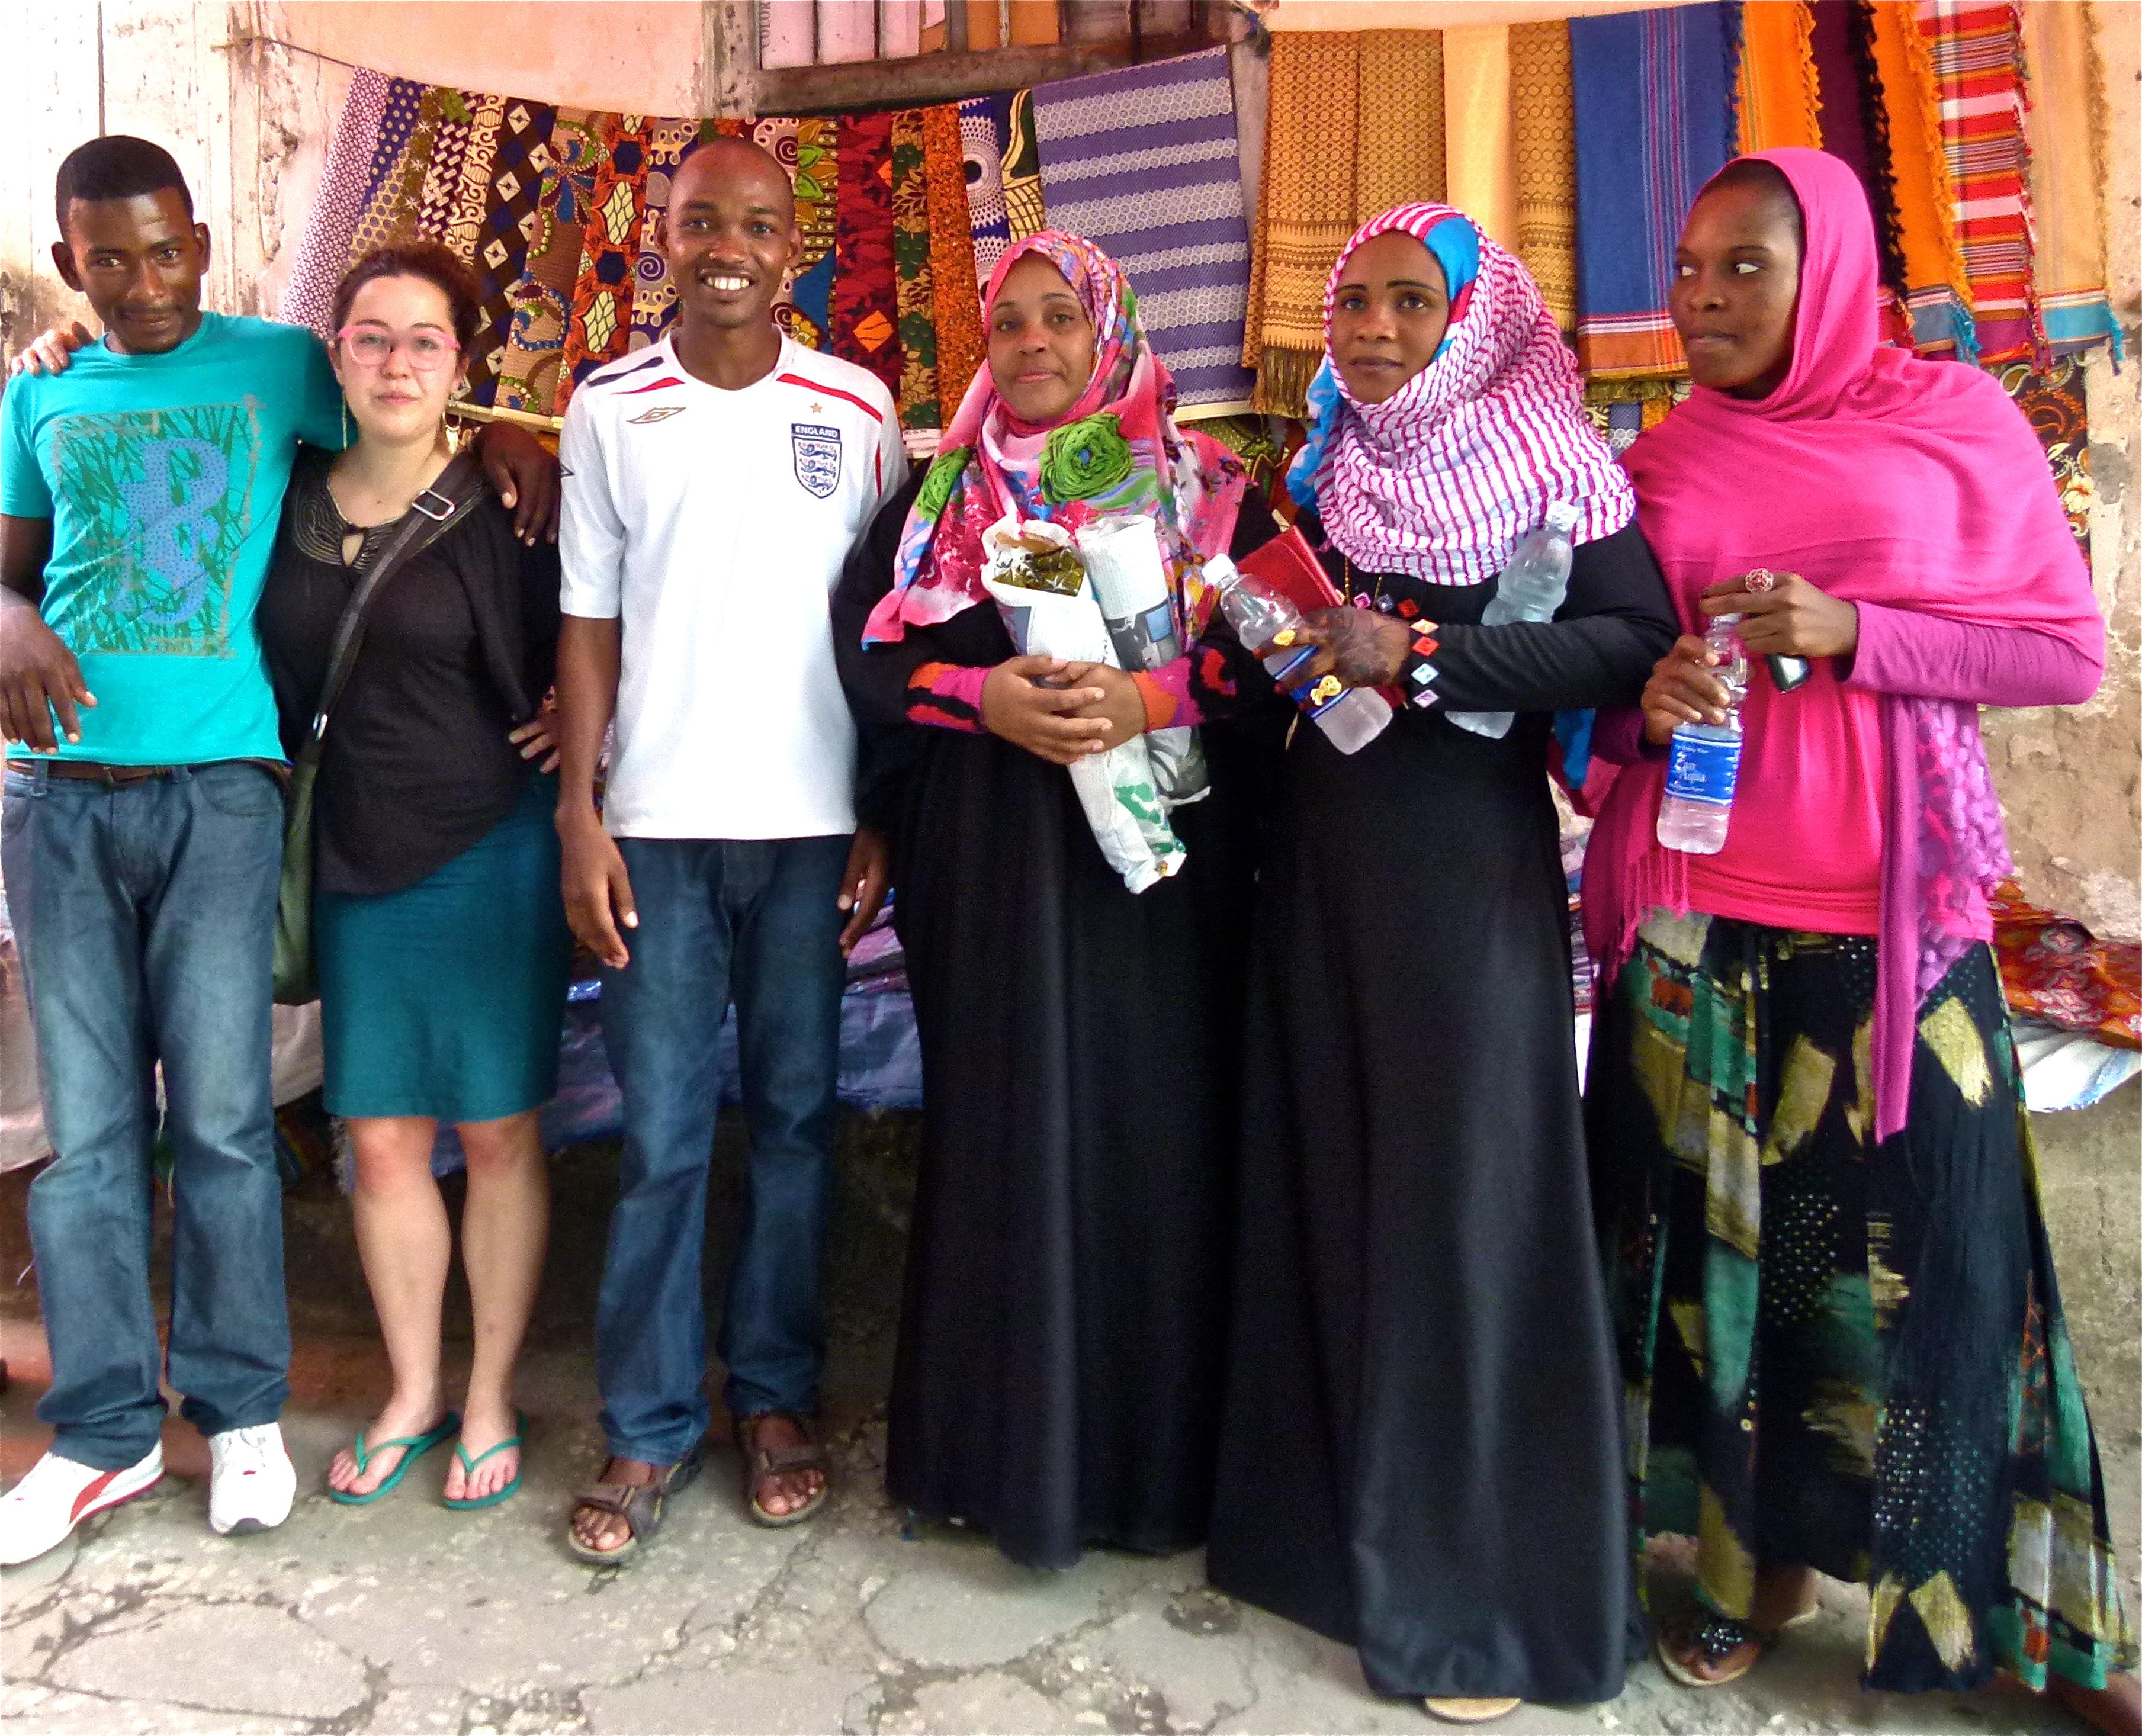 Islamisch gekleidete Sansibaris vor einem Stand mit bunten afrikanischen Stoffen